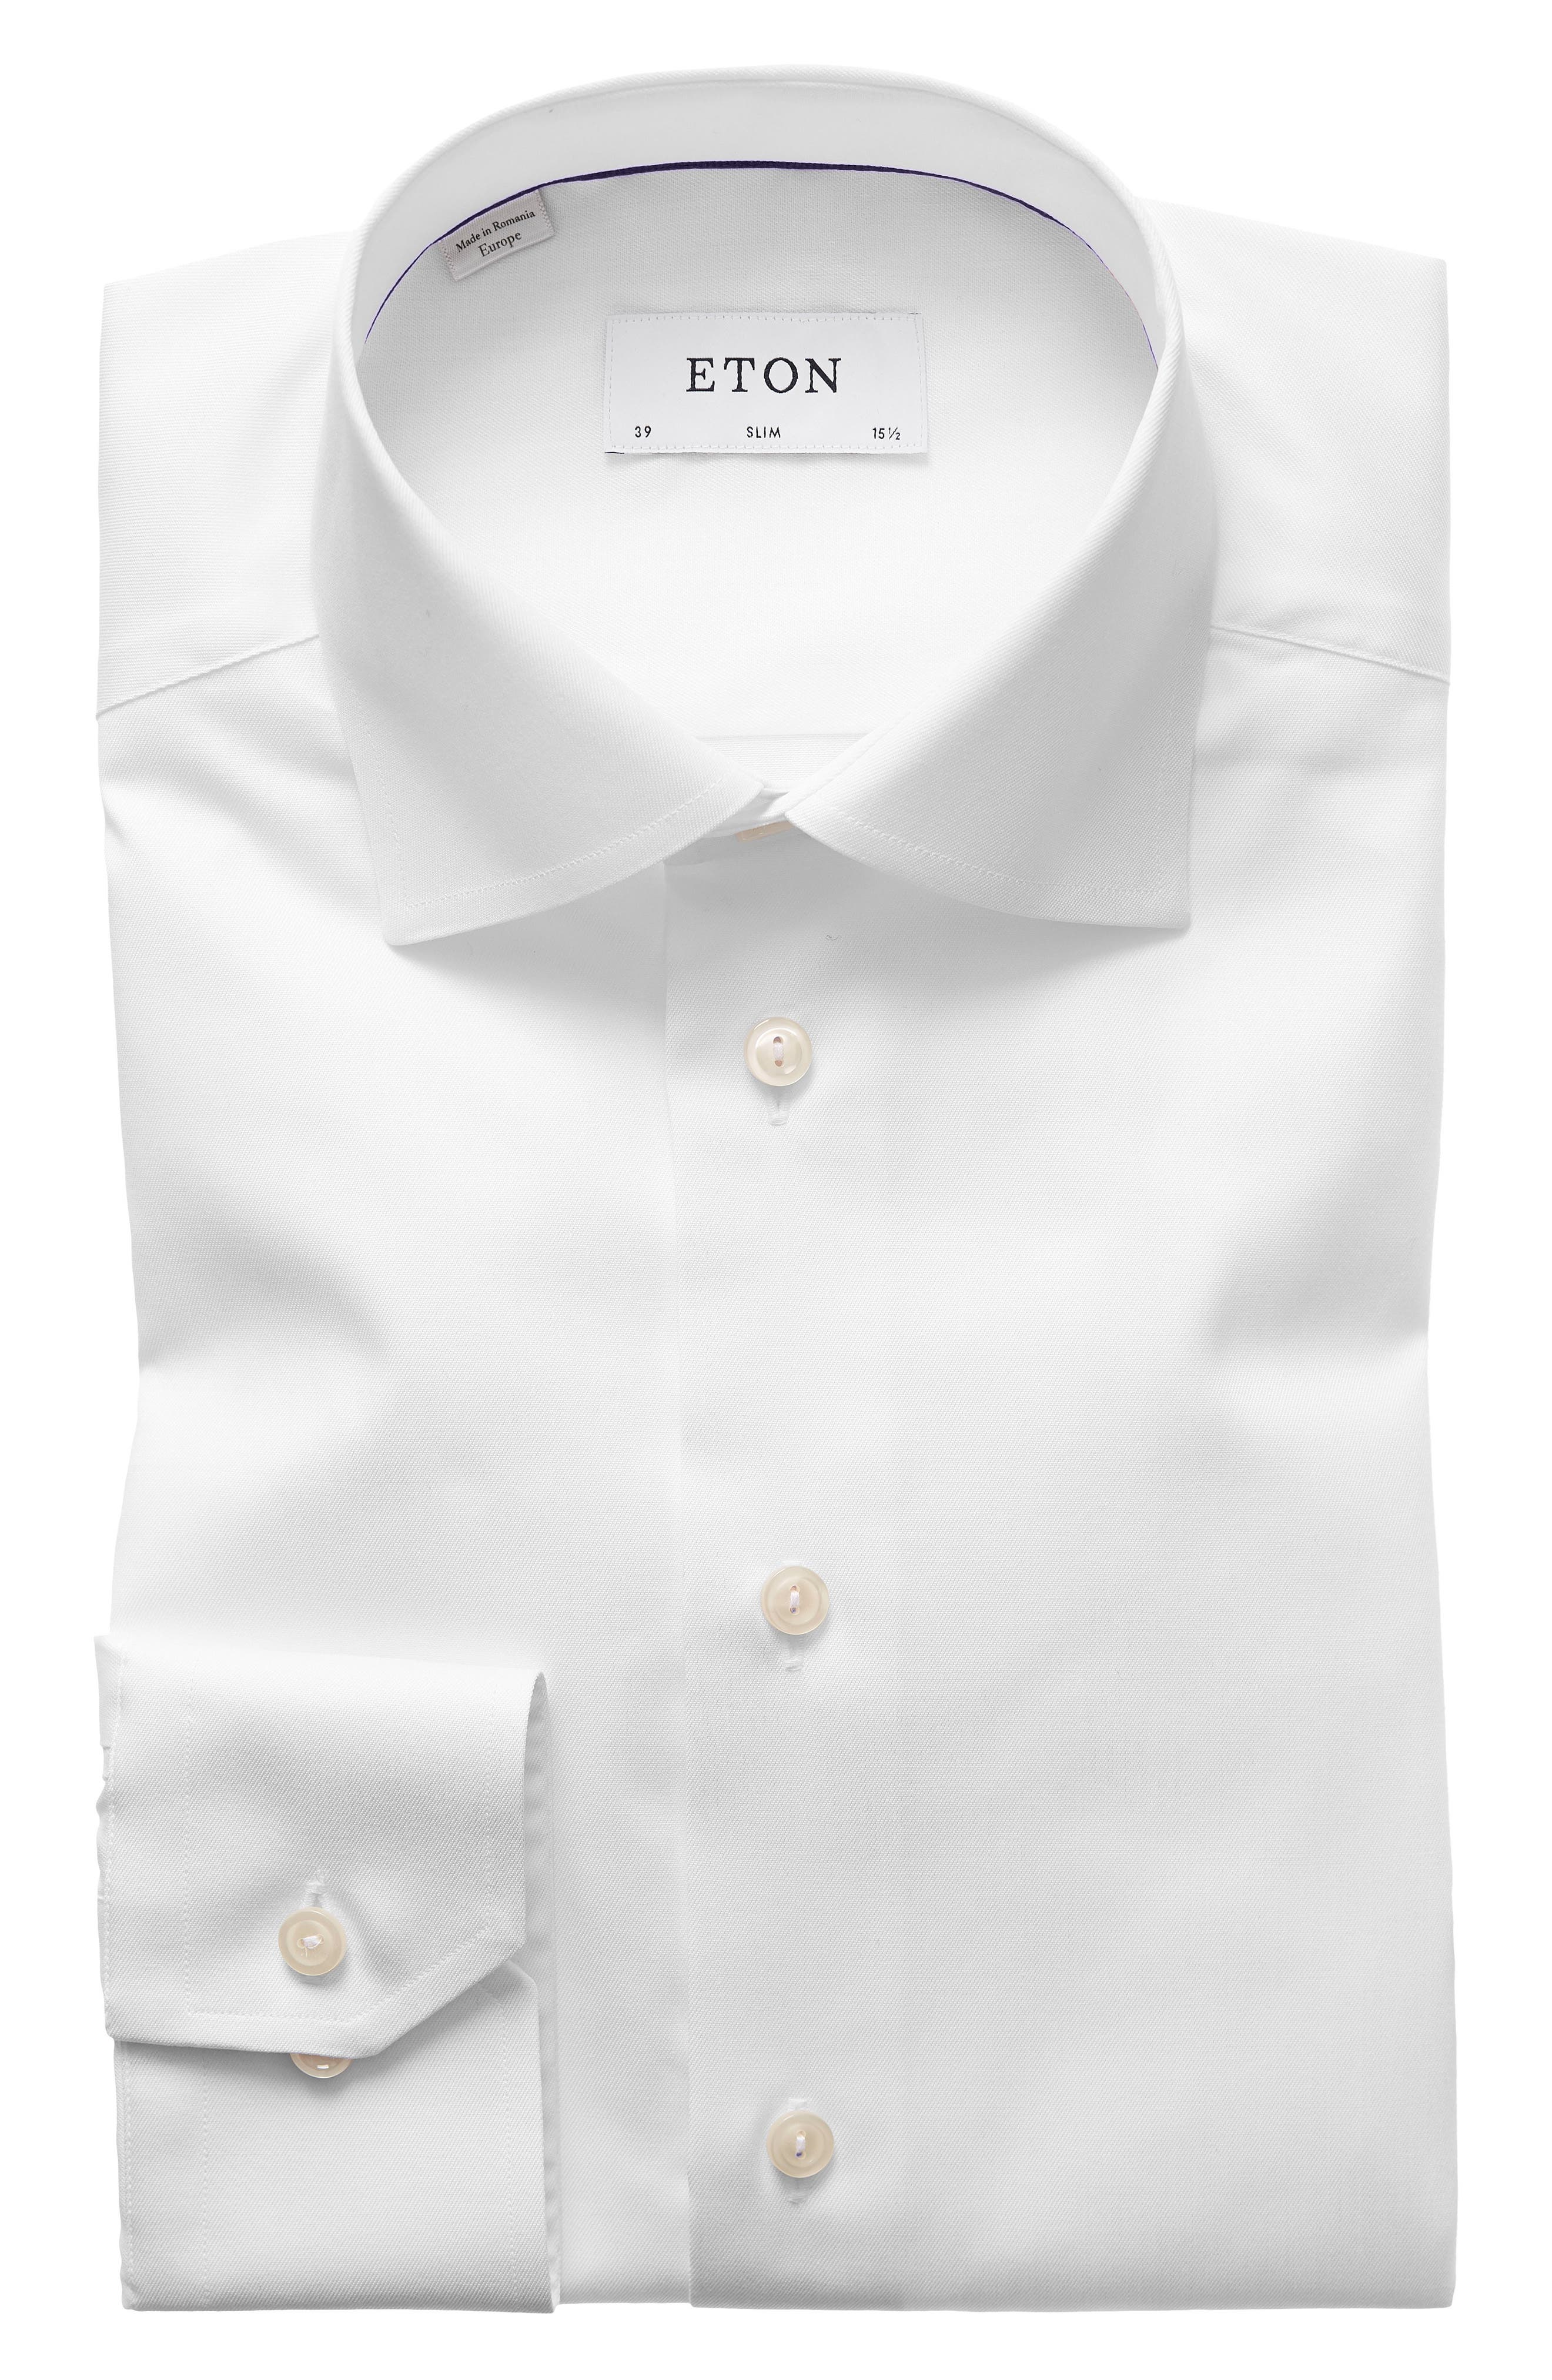 ETON, Slim Fit Twill Dress Shirt, Main thumbnail 1, color, WHITE